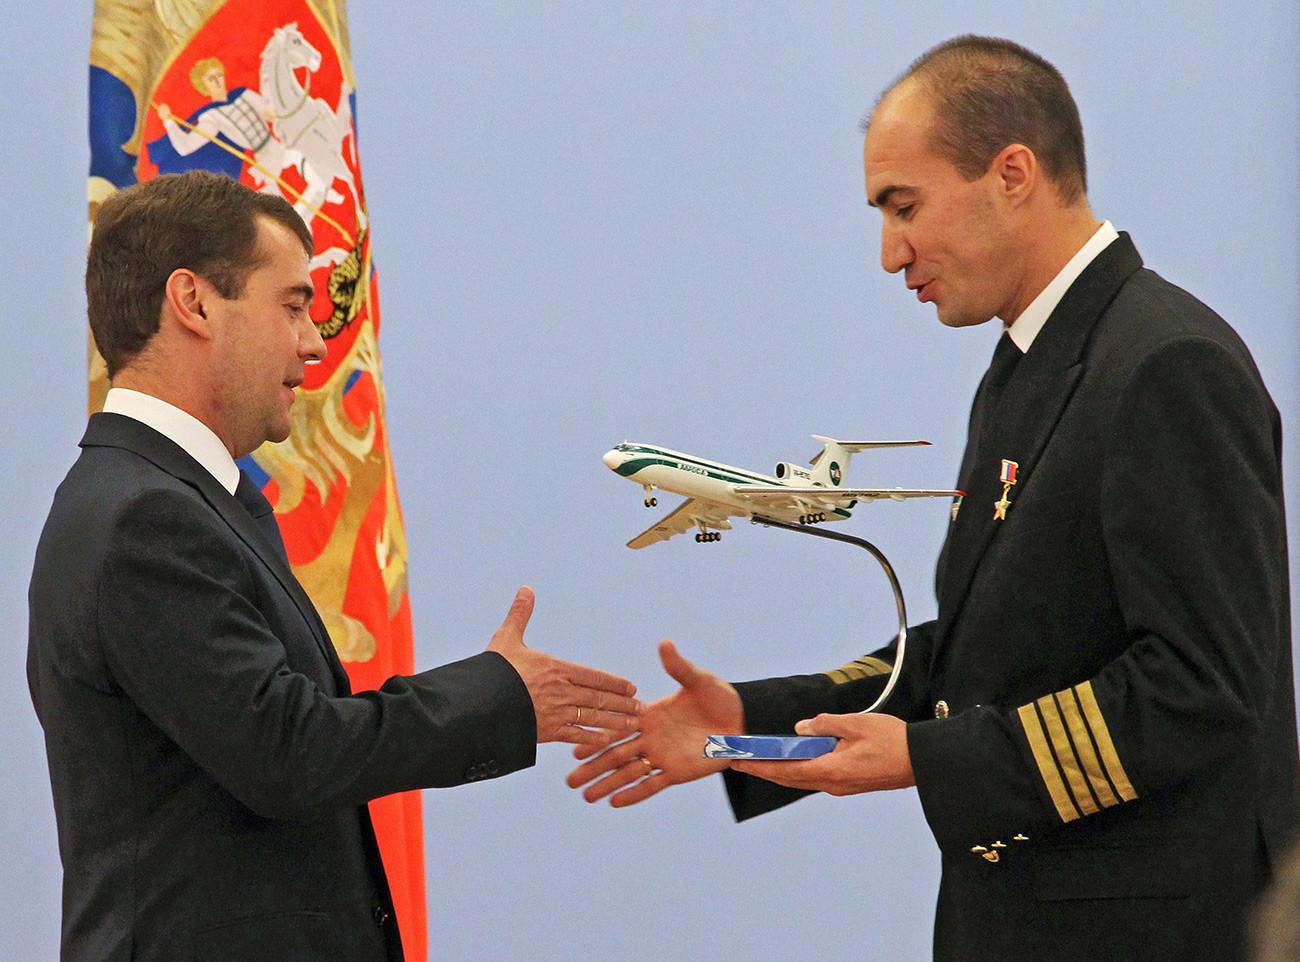 Посадата на авионот Тупољев-154 која поради системски дефект беше принудена да го спушти авионот во Република Коми.